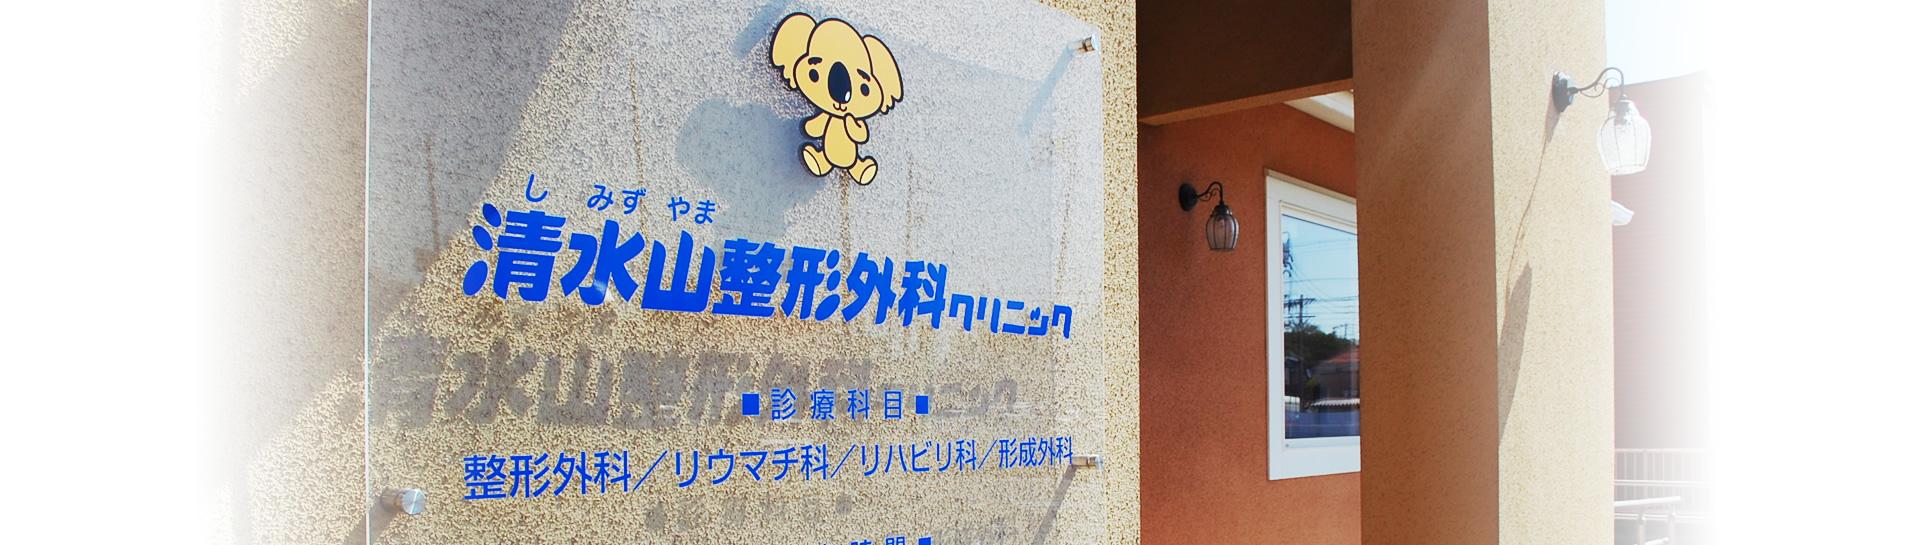 清水山整形外科クリニック